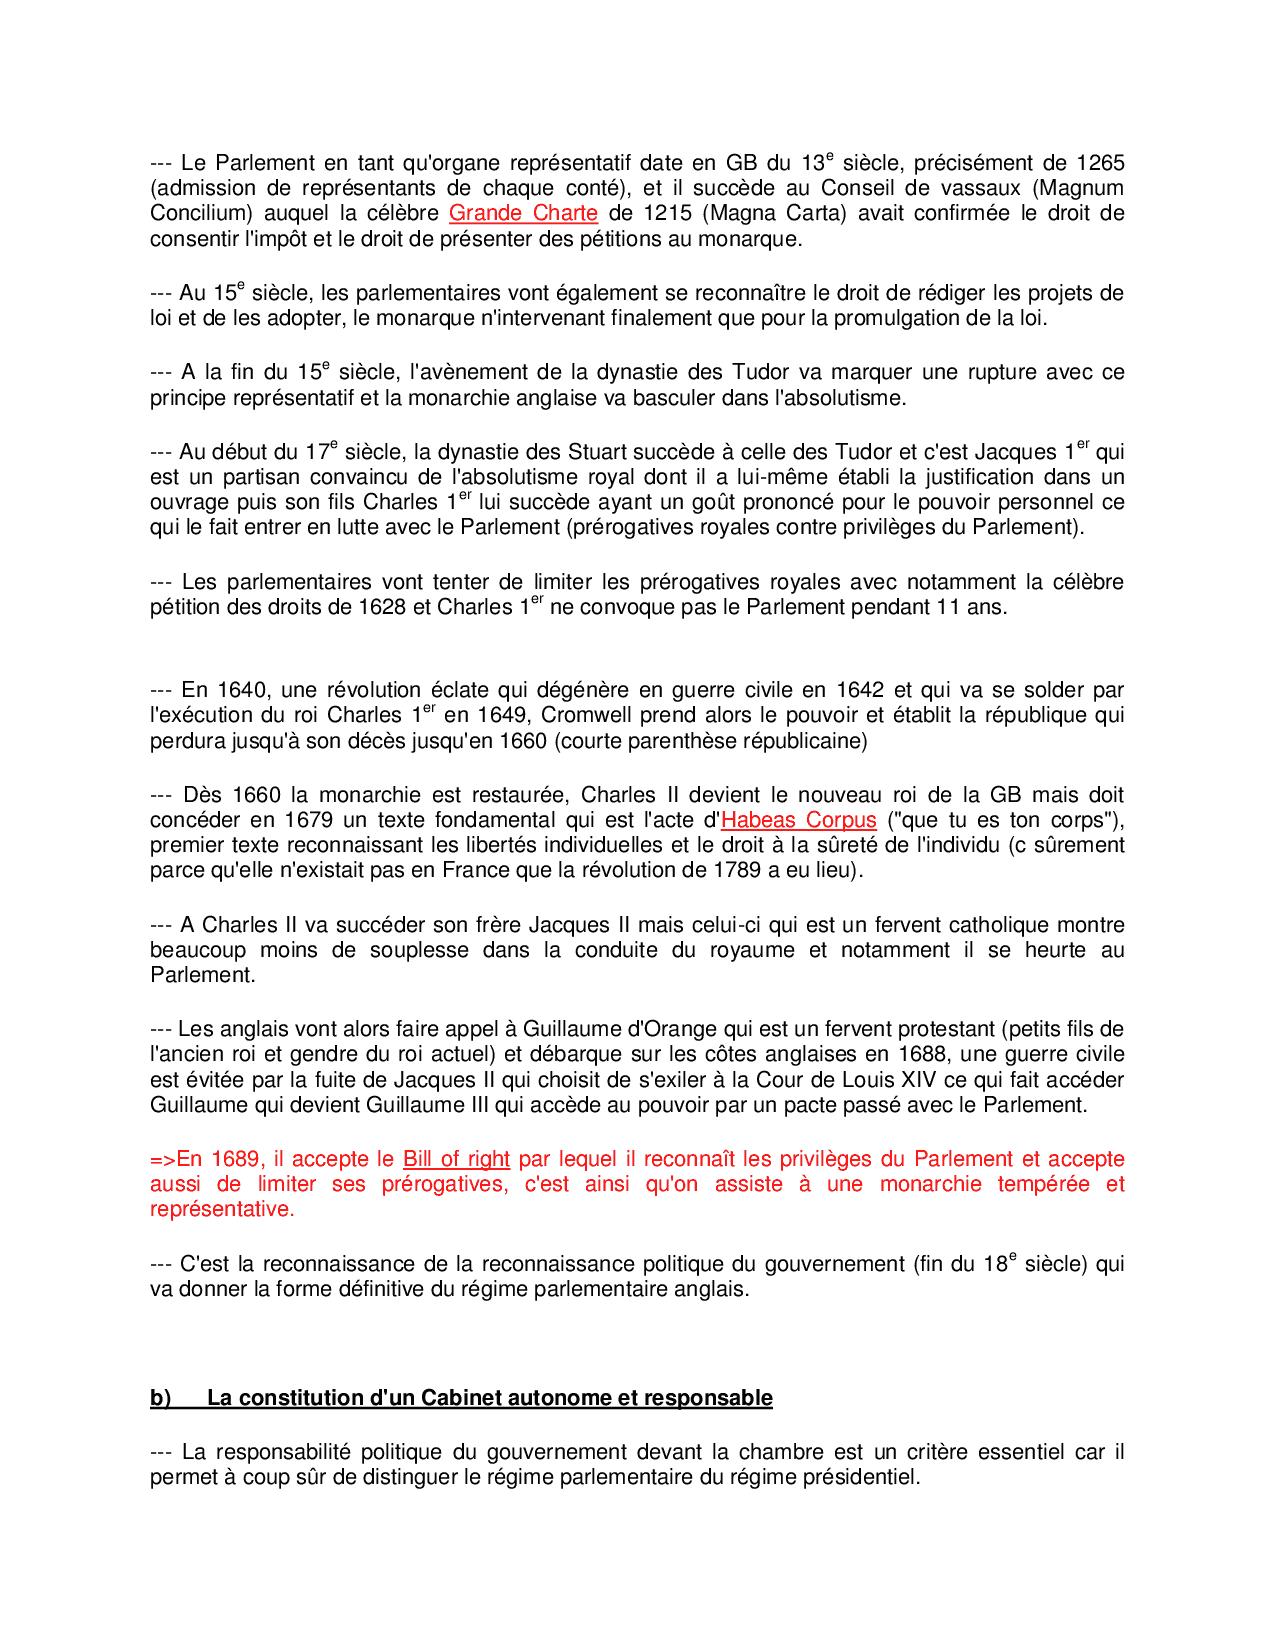 Résumé Sur Les Régimes Politiques Étrangers - 1° Partie pour Frere Jacques Anglais